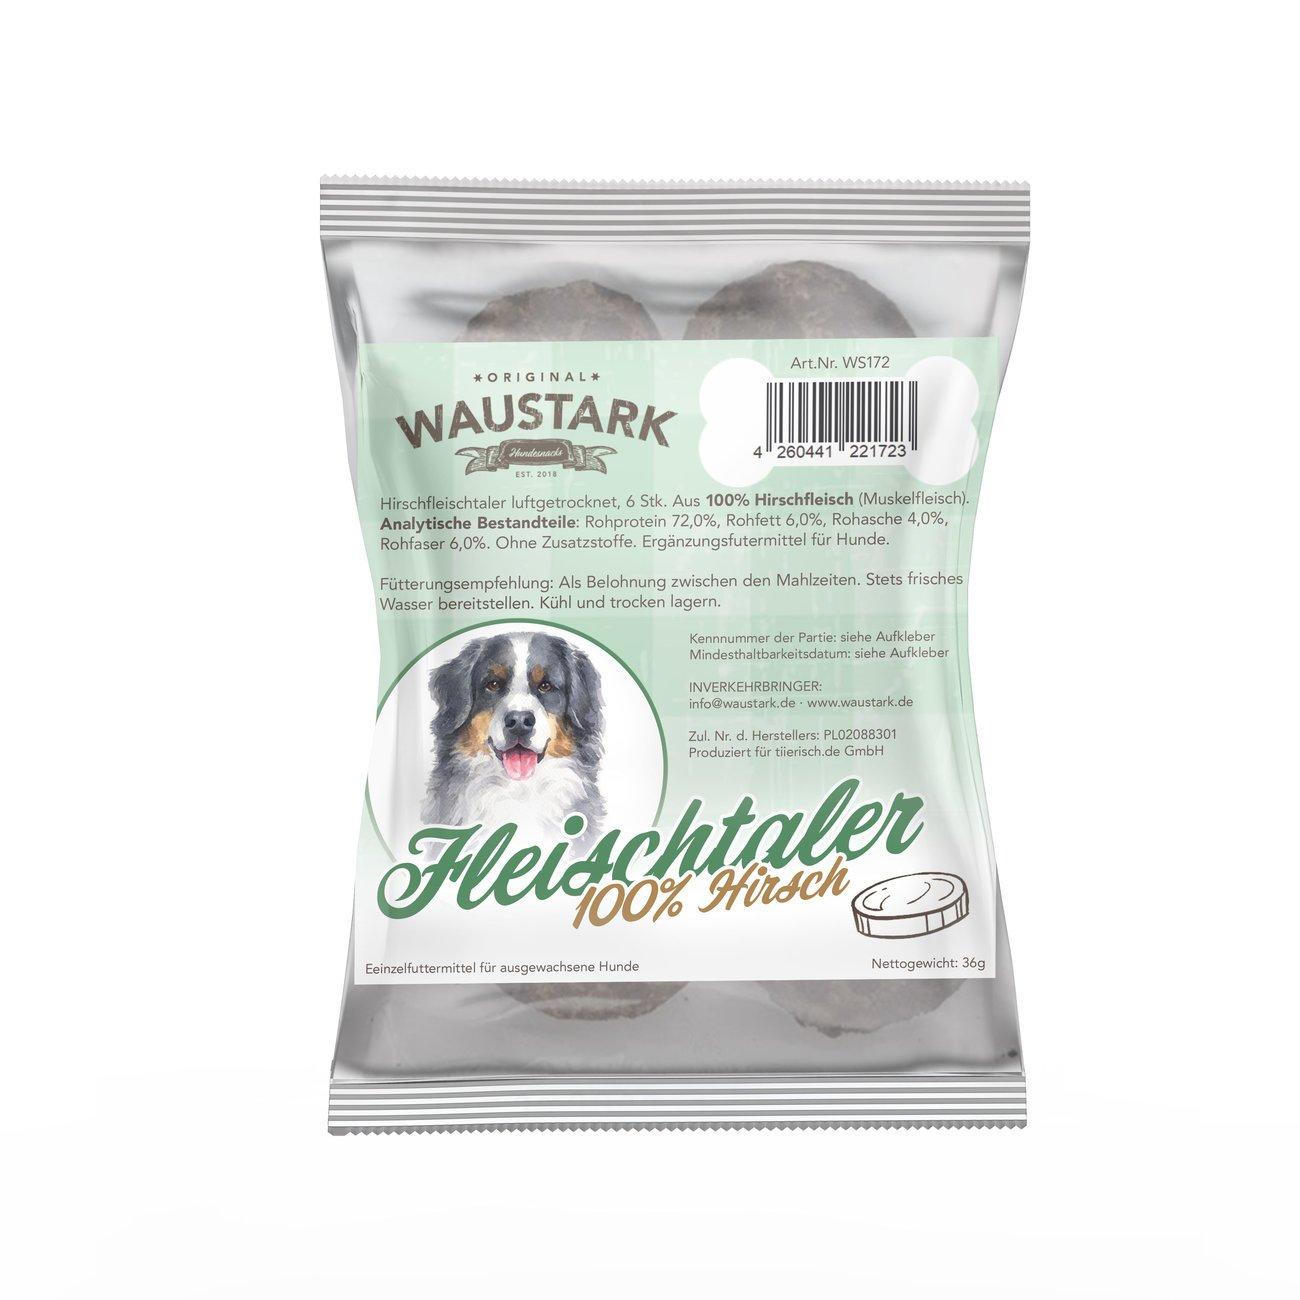 Waustark Premium luftgetrocknete Fleischtaler für Hunde, Bild 3